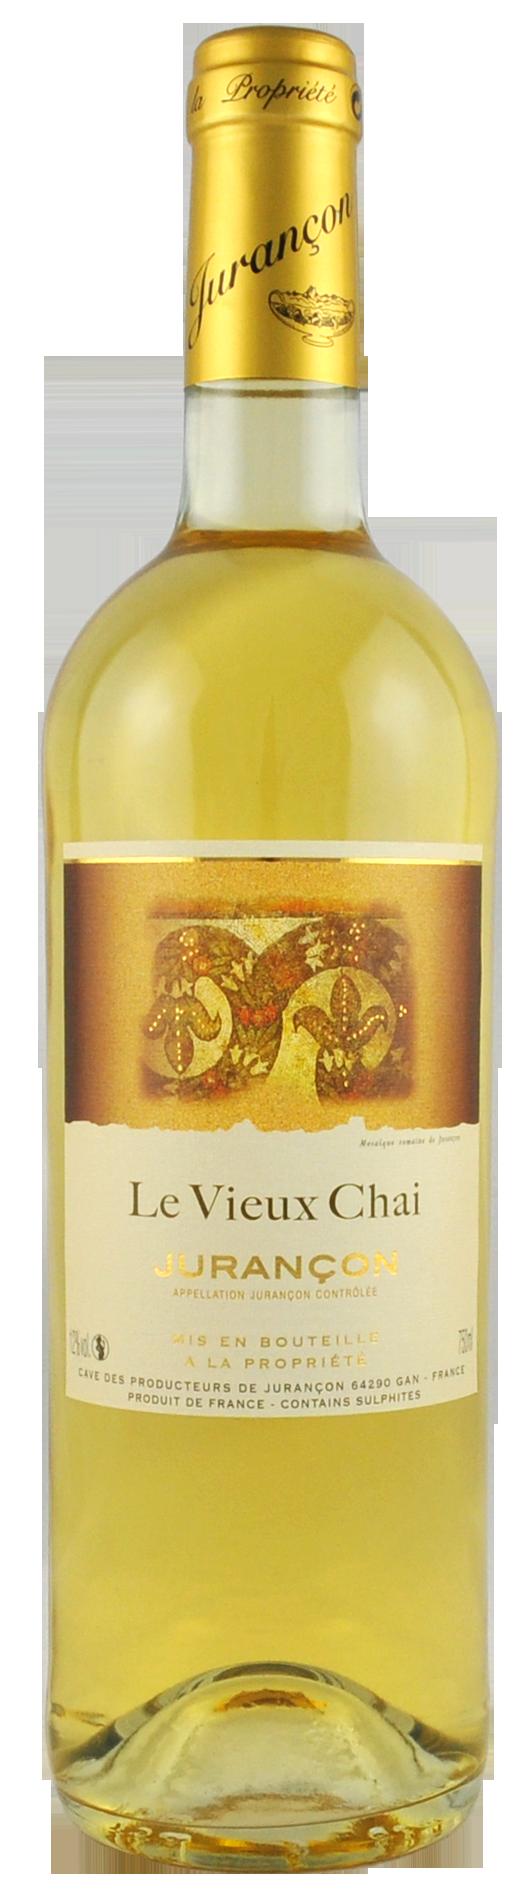 Le Vieux Chai 2016 (75cl)